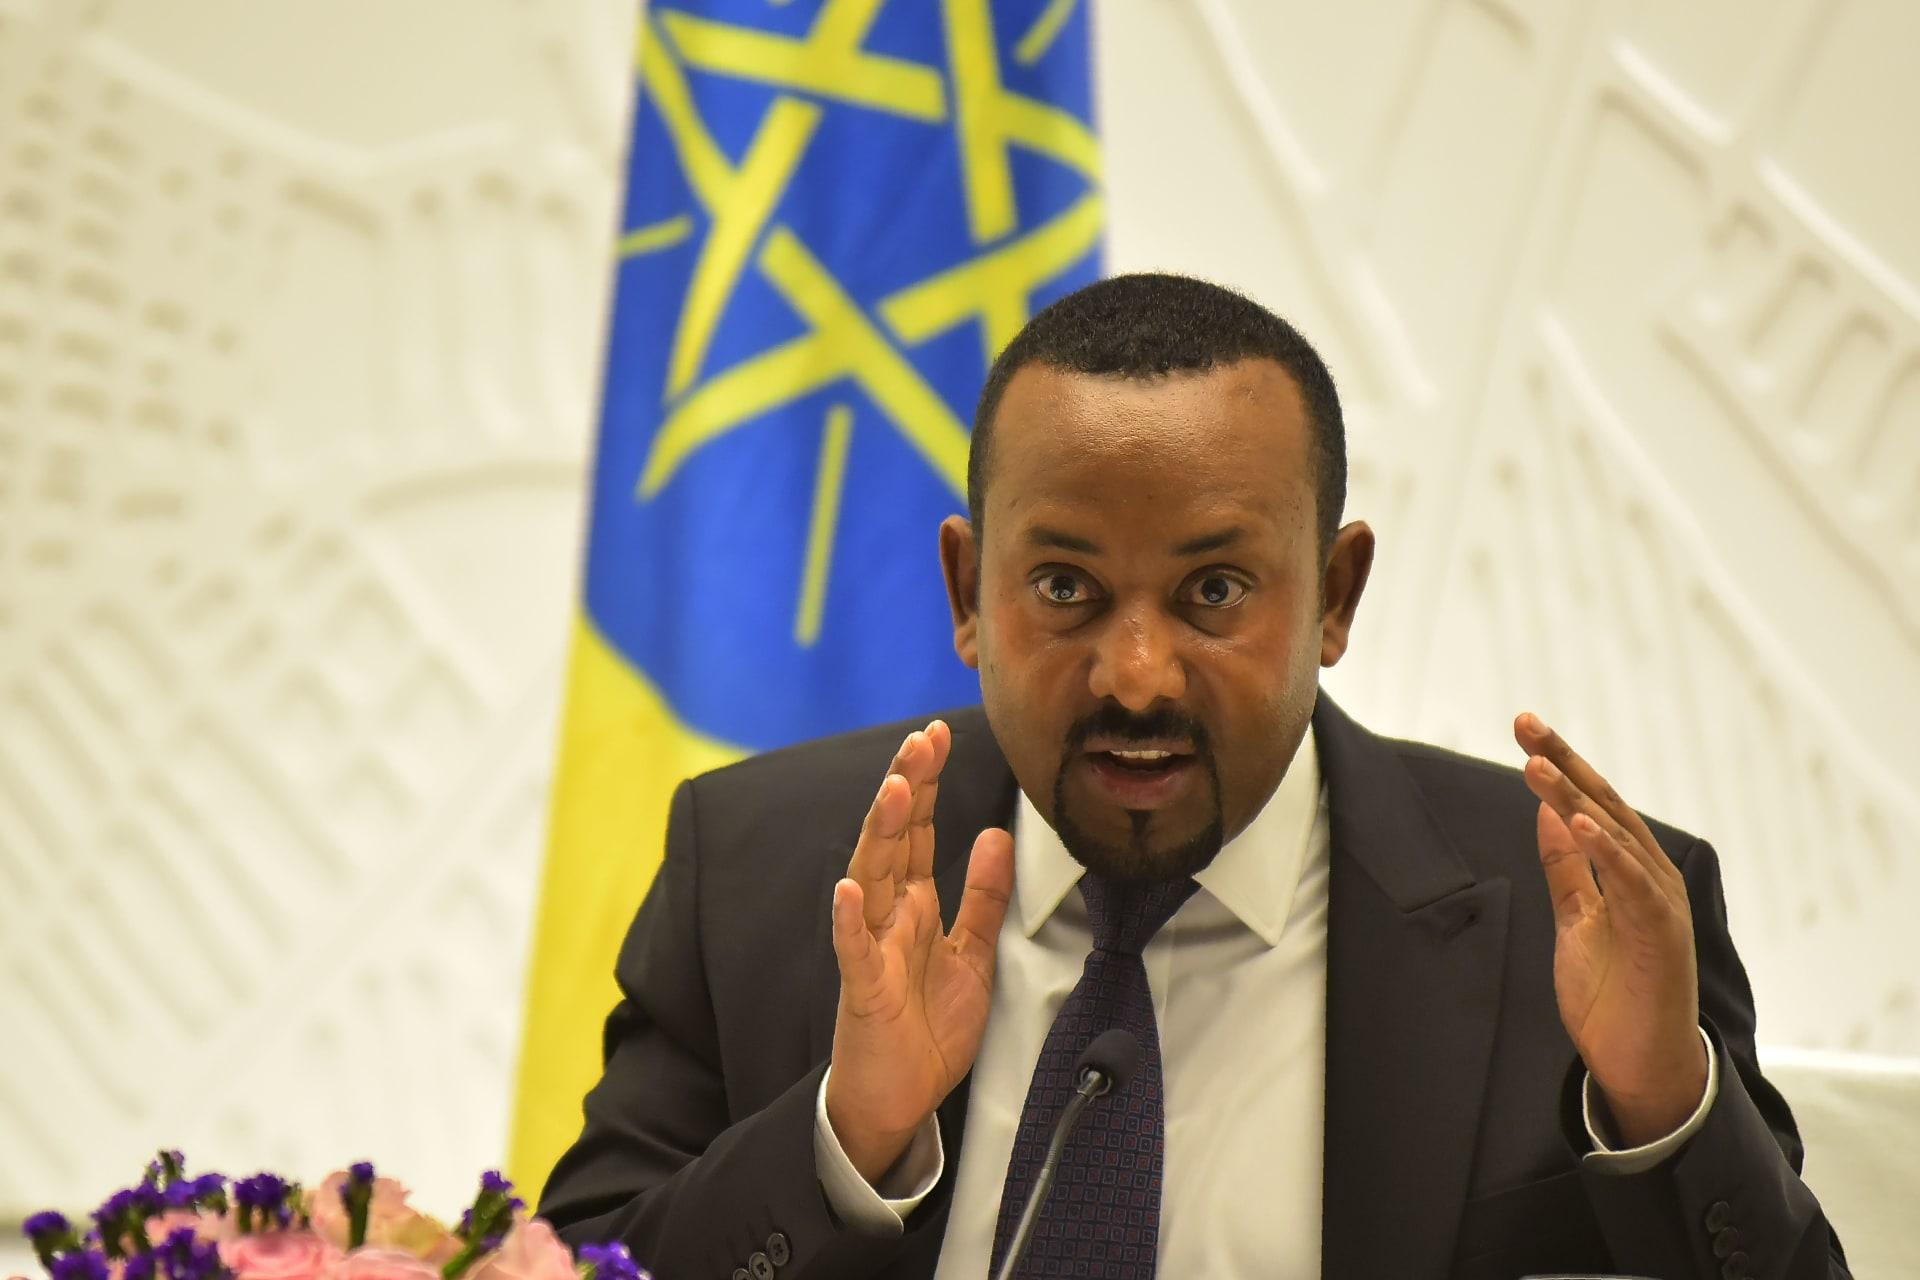 رئيس الوزراء الإثيوبي يقيل مسؤولين كبار تزامنا مع عمليات عسكرية بمنطقة تيغراي